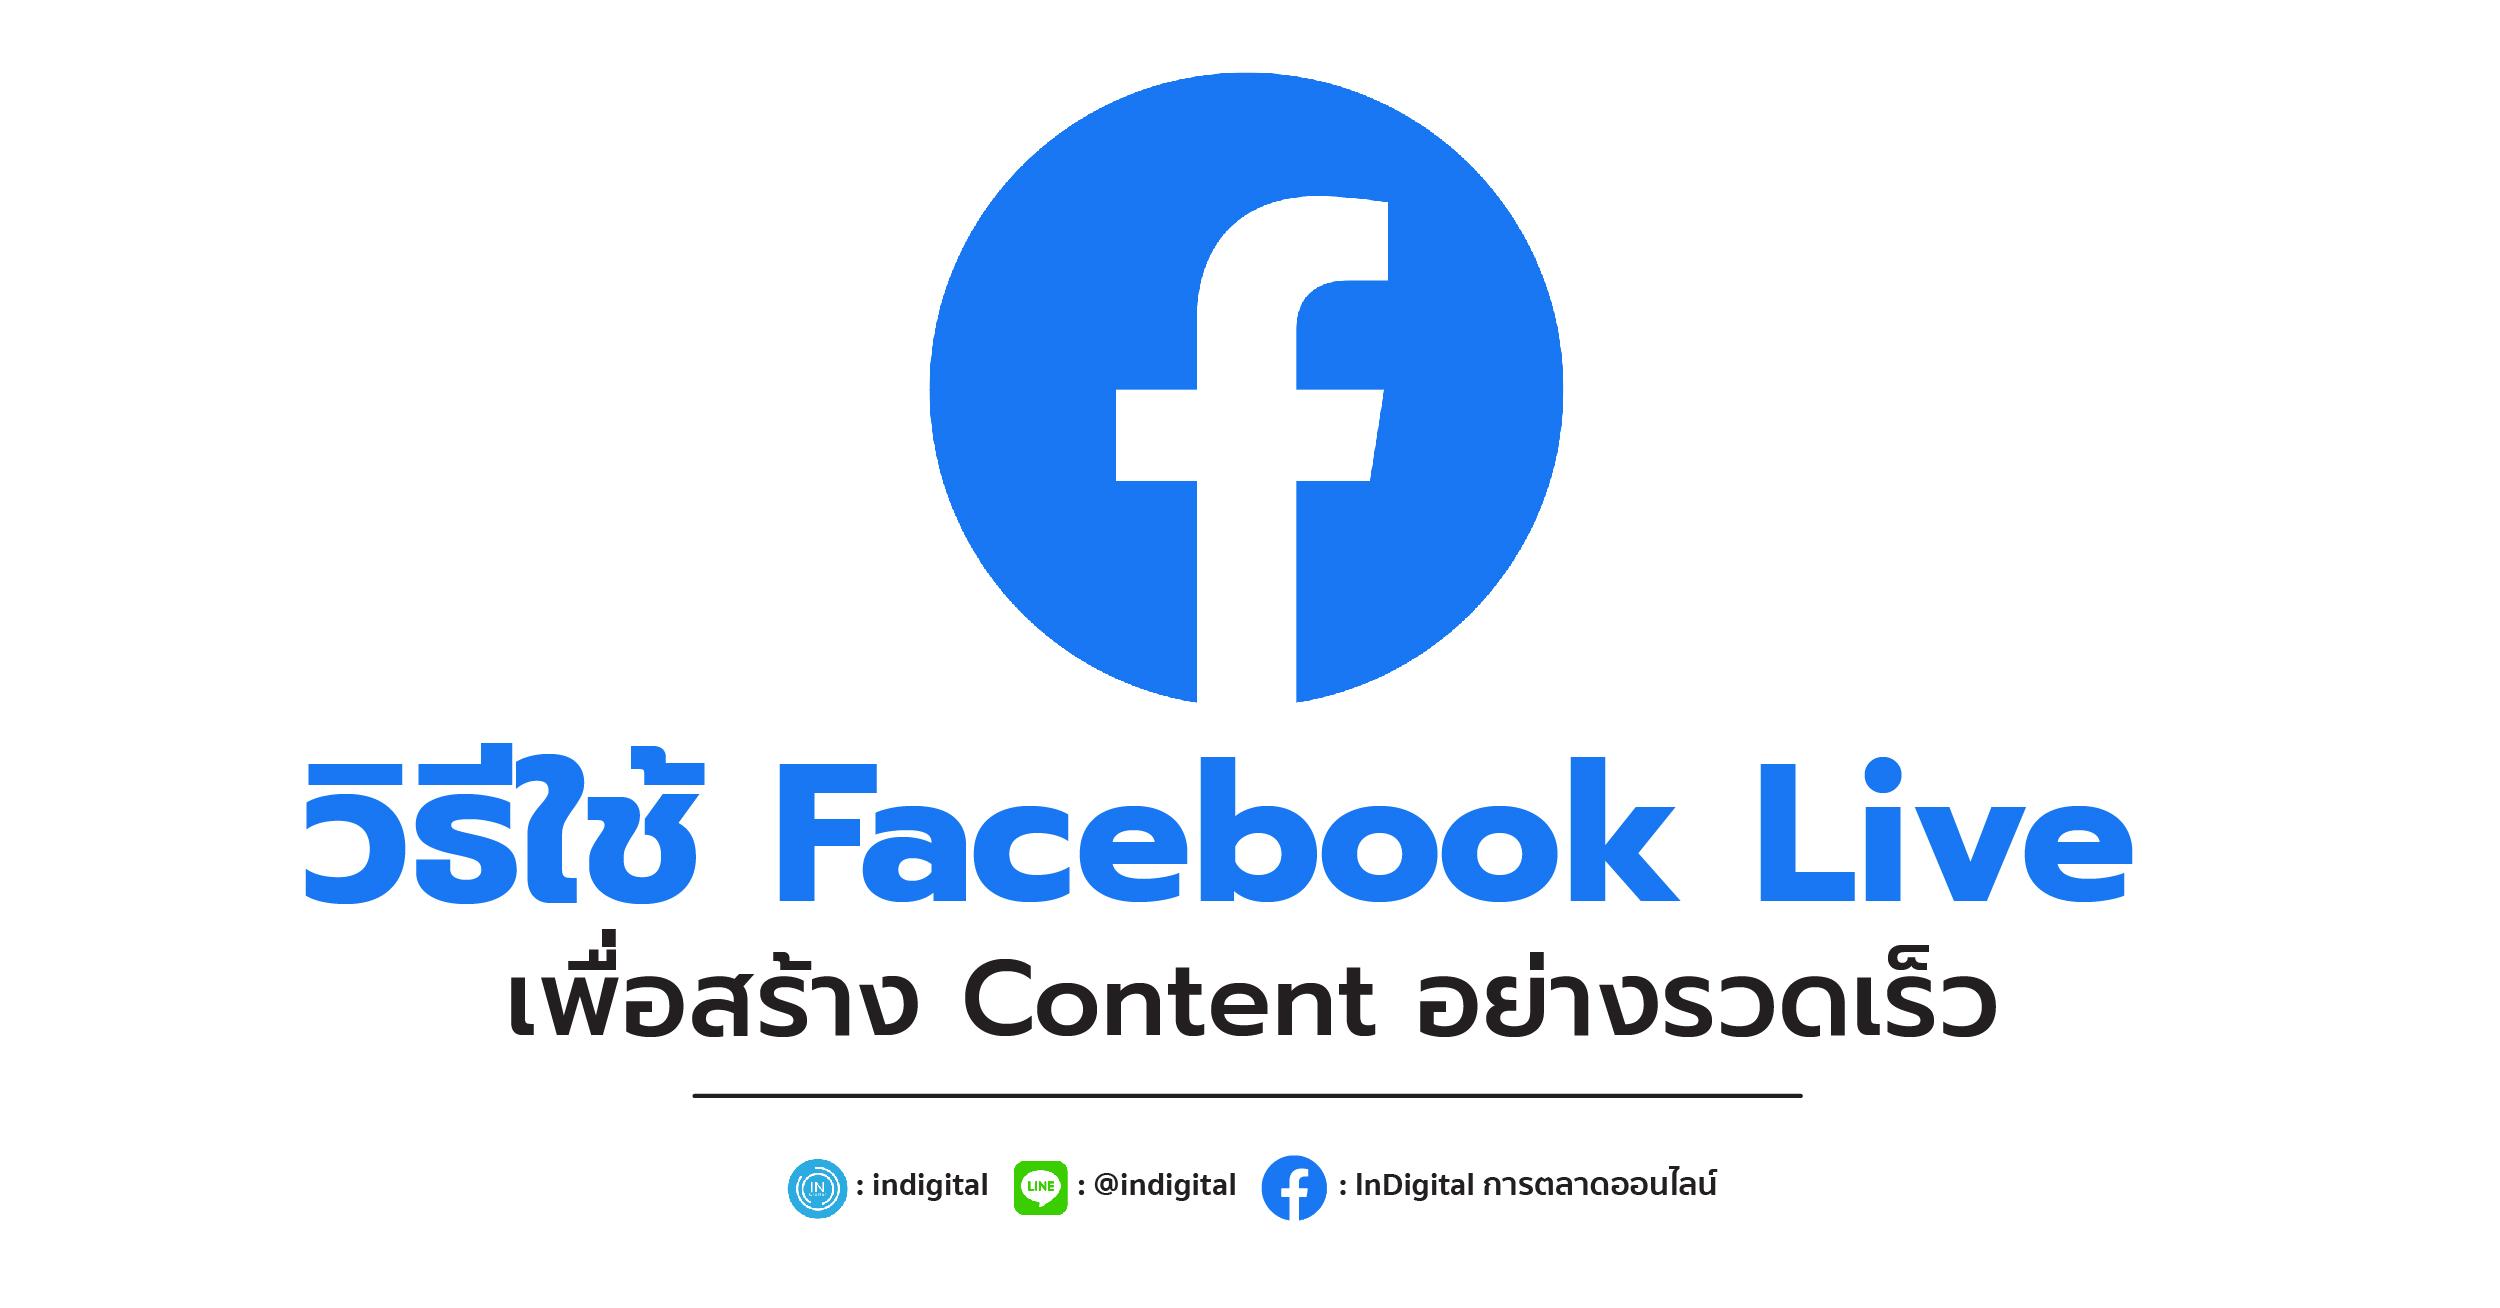 การใช้ Facebook Live เพื่อสร้าง Content อย่างรวดเร็ว